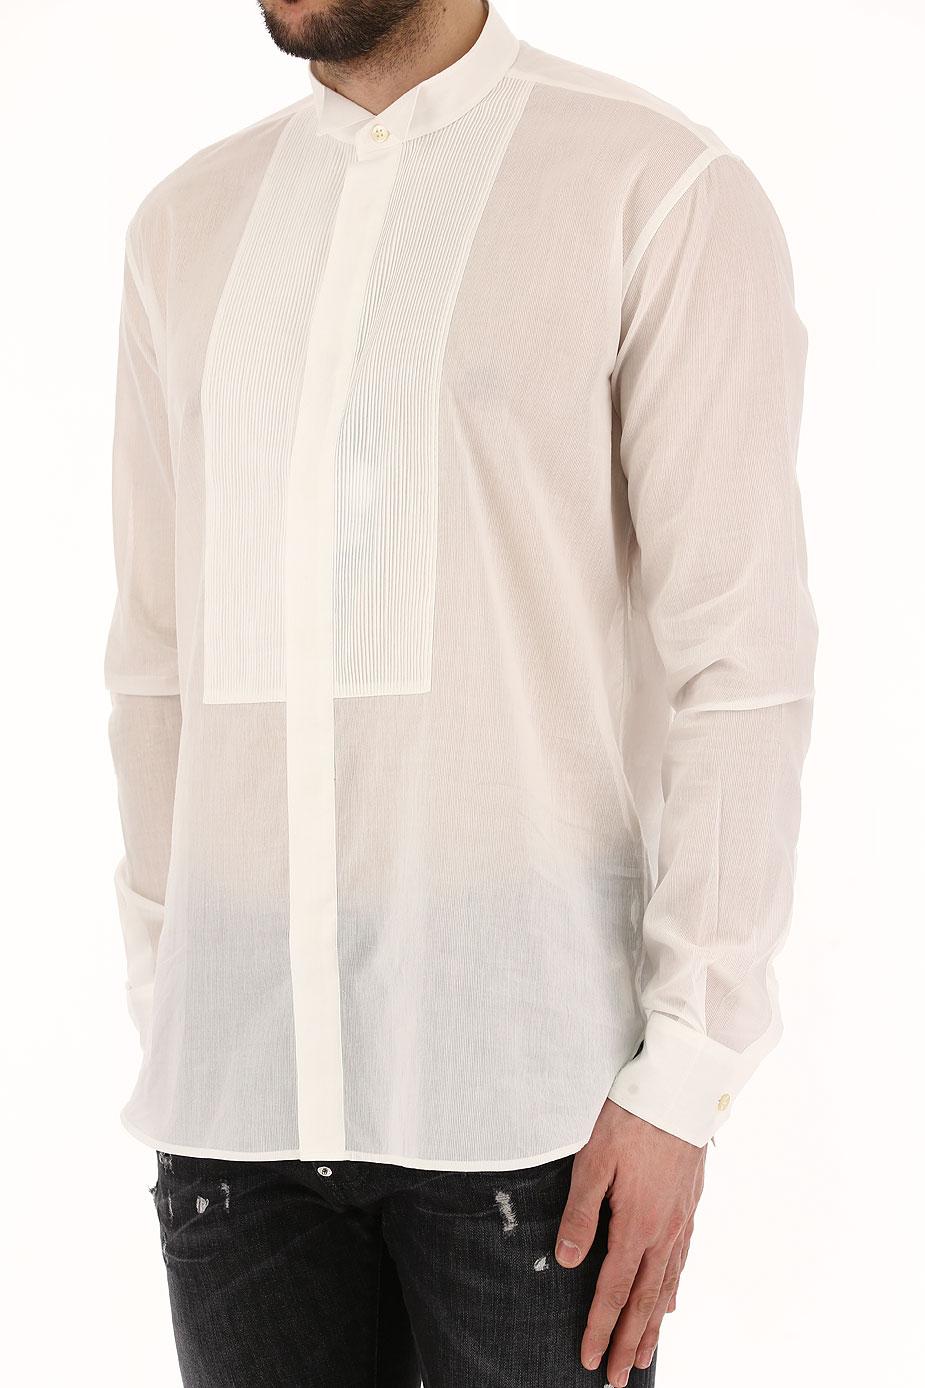 Abbigliamento Uomo Yves Saint Laurent Codice Articolo 503805-y035s-9601